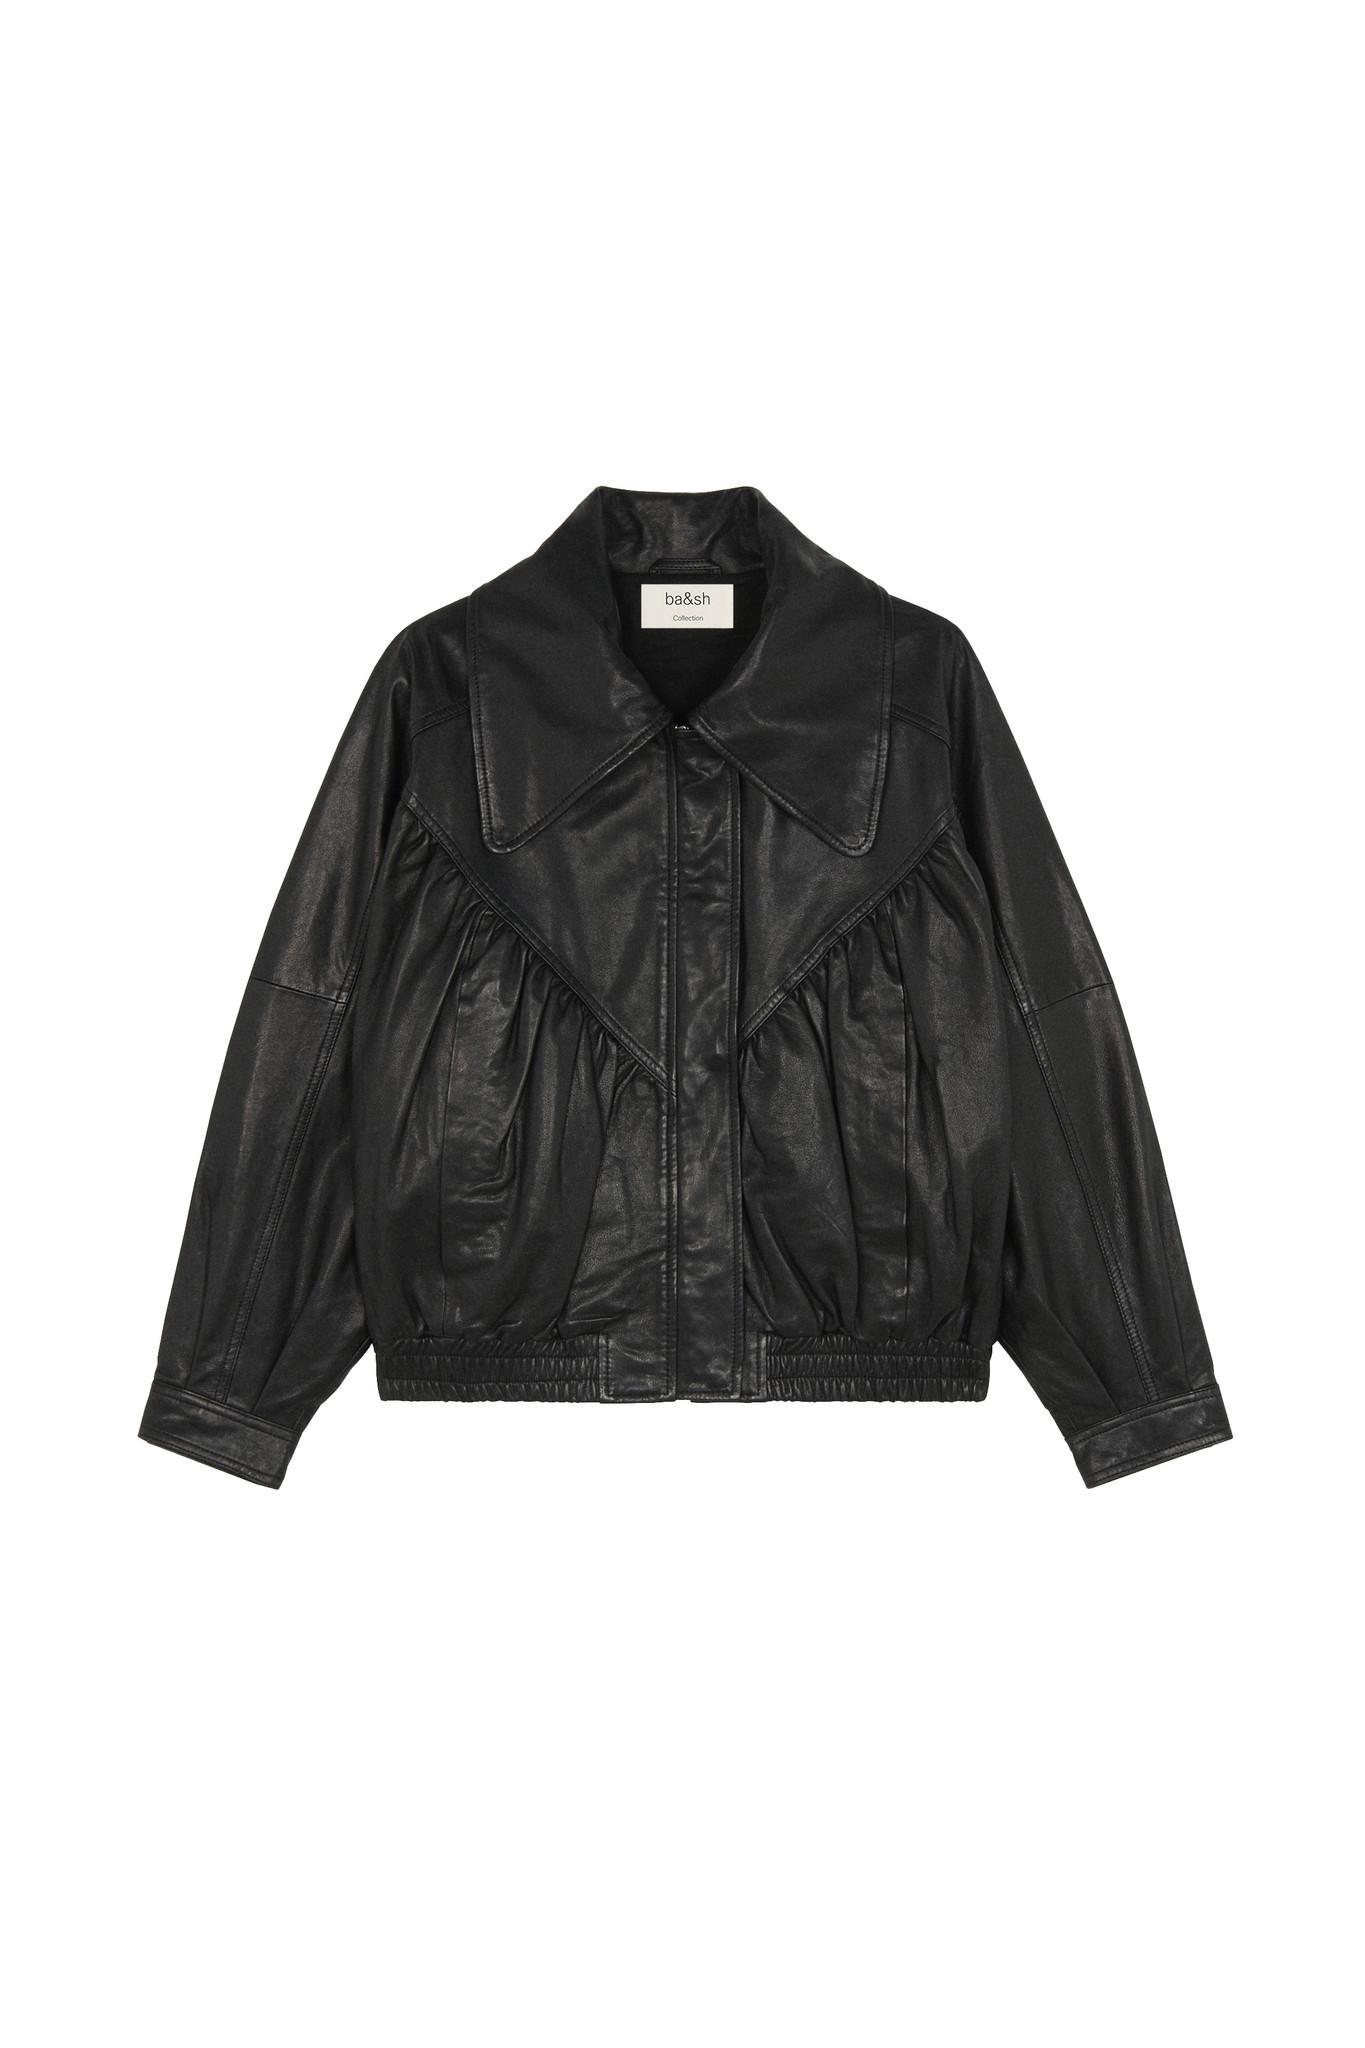 Barnabe Jacket - Black-1